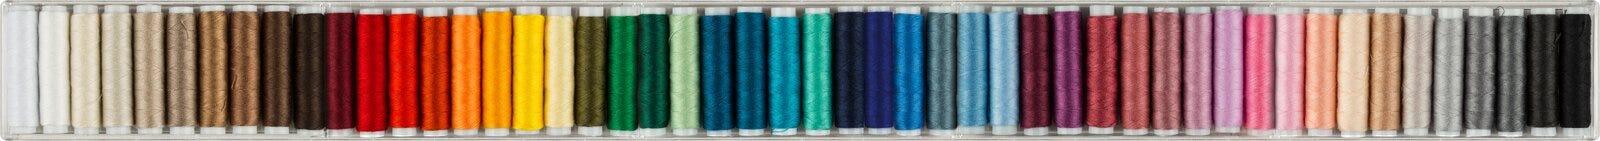 Kolorowa szwalna cottons panorama obraz stock